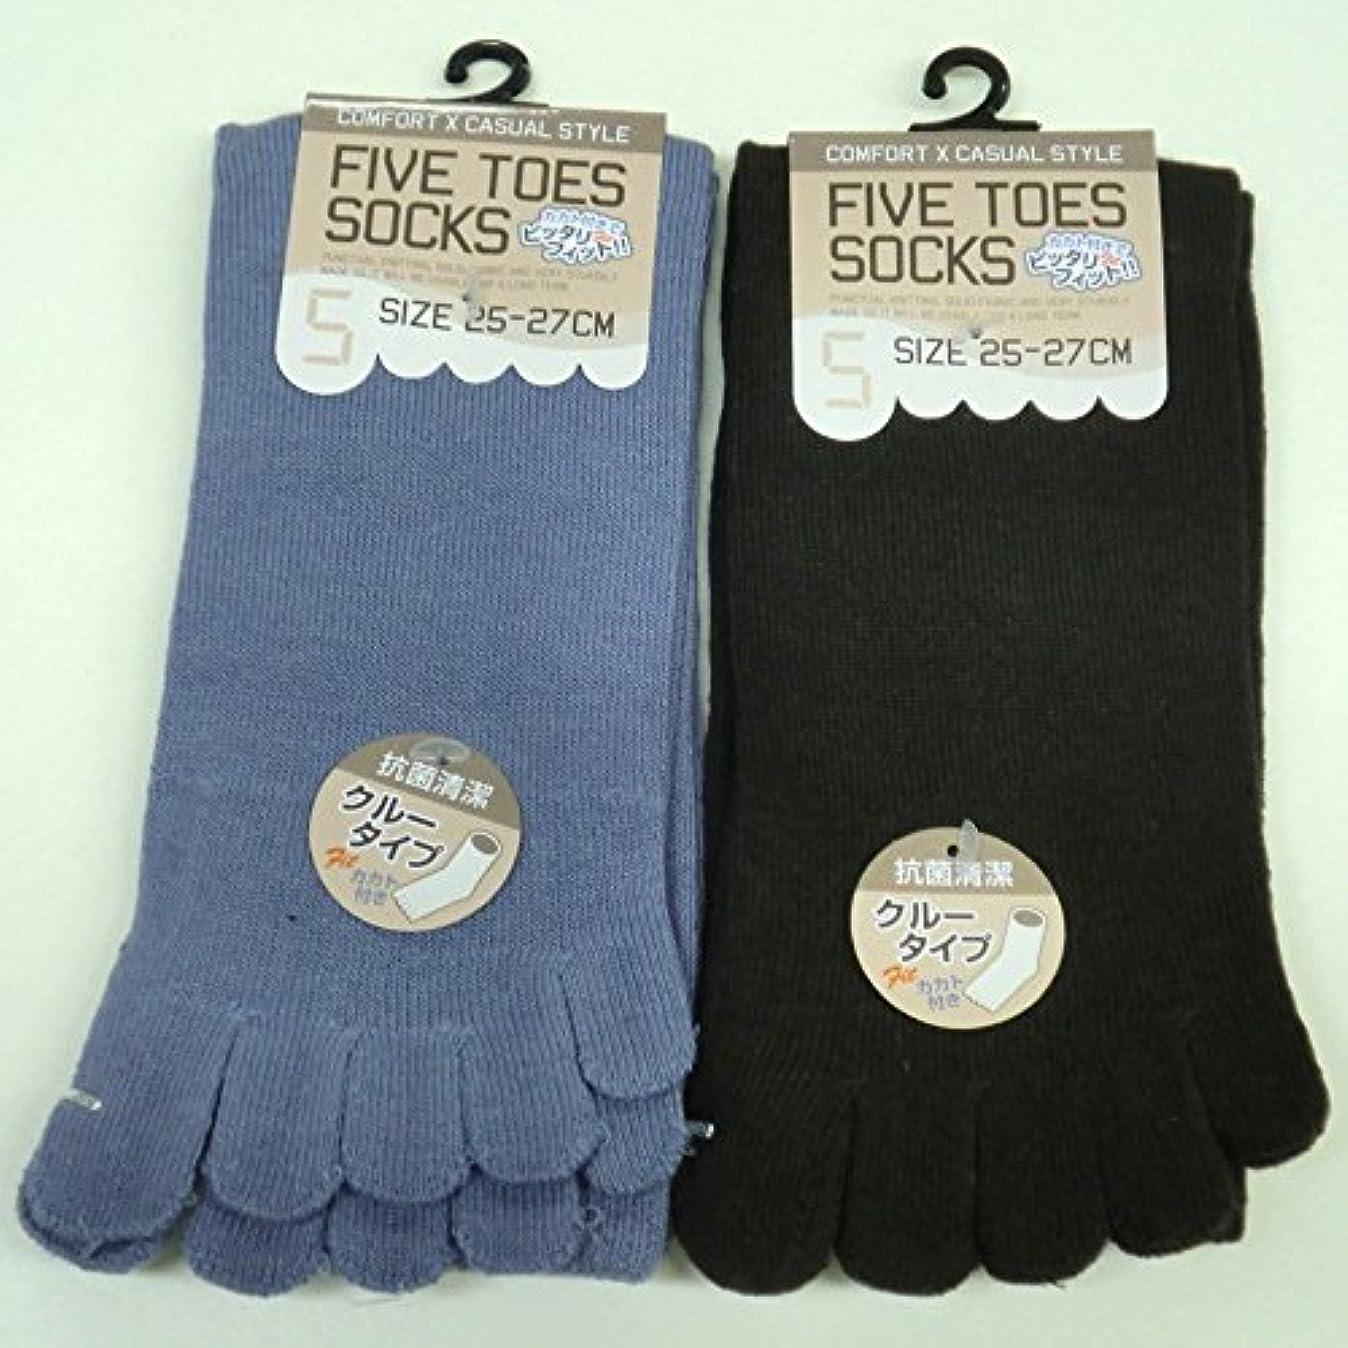 柔らかさ習熟度肉5本指ソックス メンズ 綿混 蒸れない快適 5本指靴下 かかと付 25-27cm 5足組(色はお任せ)